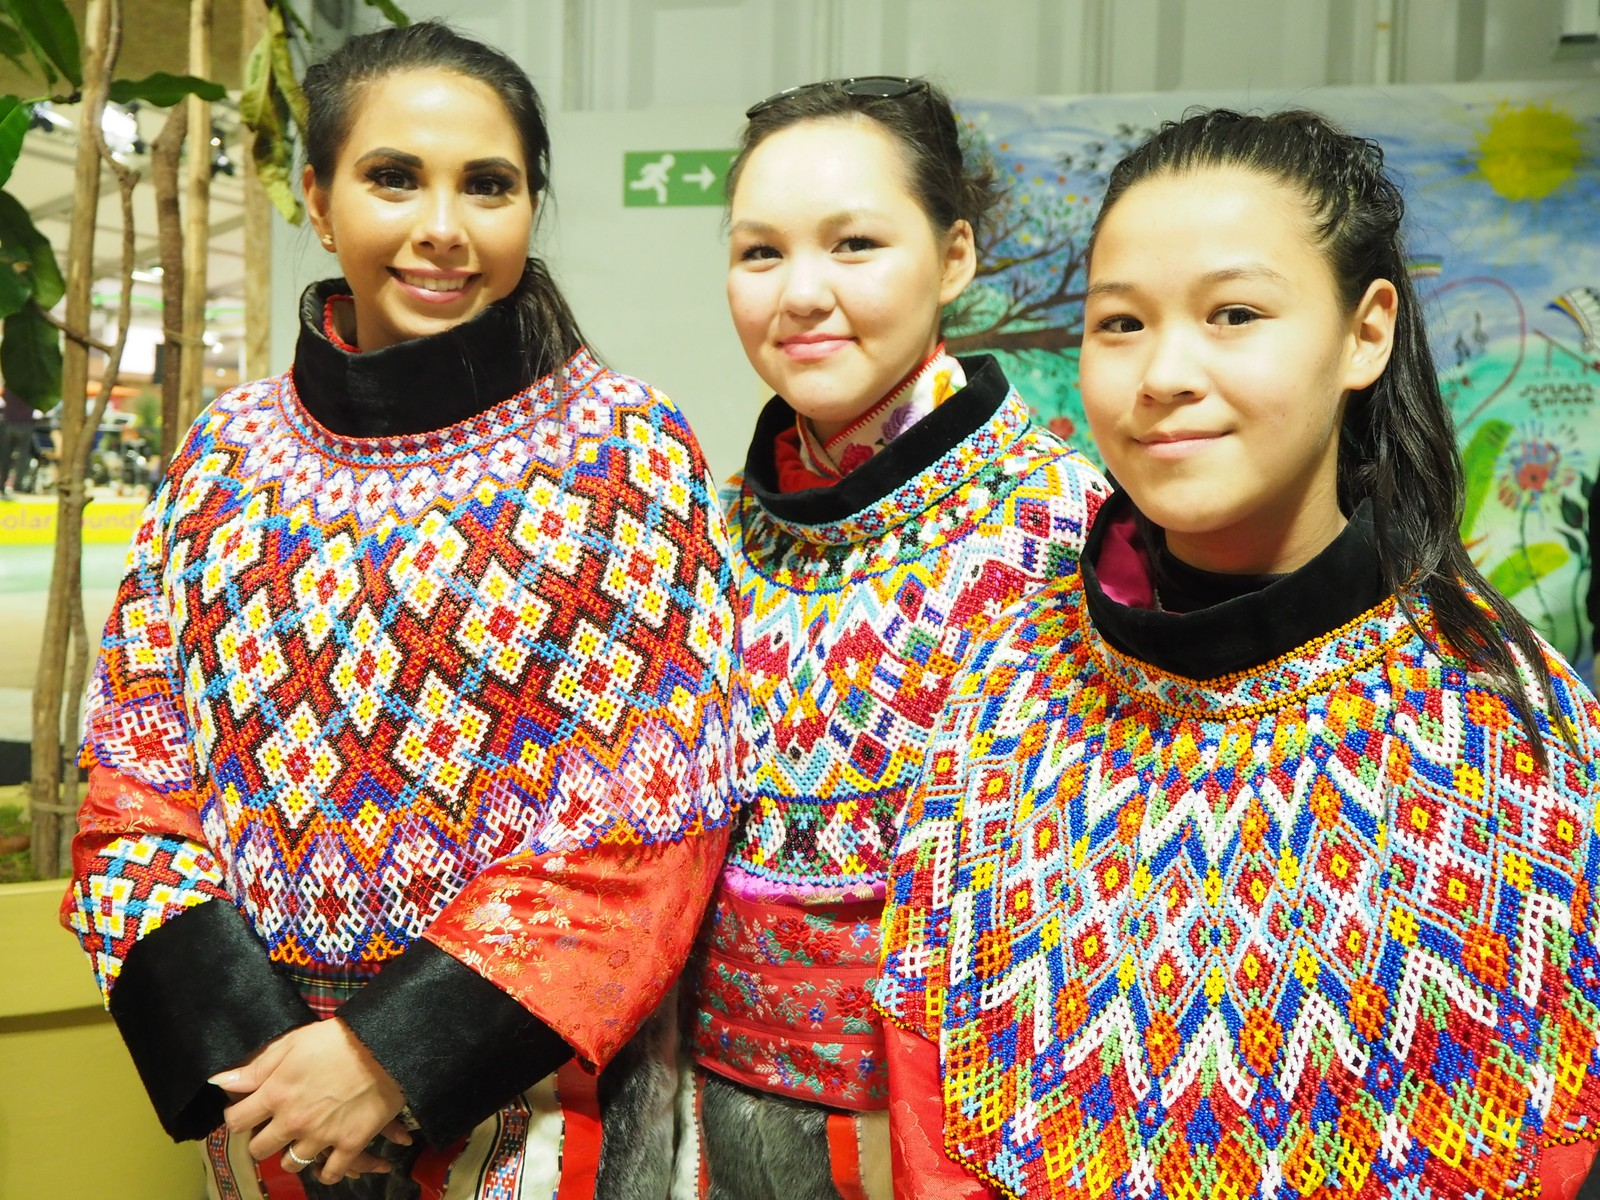 Det tradisjonelle festantrekket til inuittene fra Grønland.